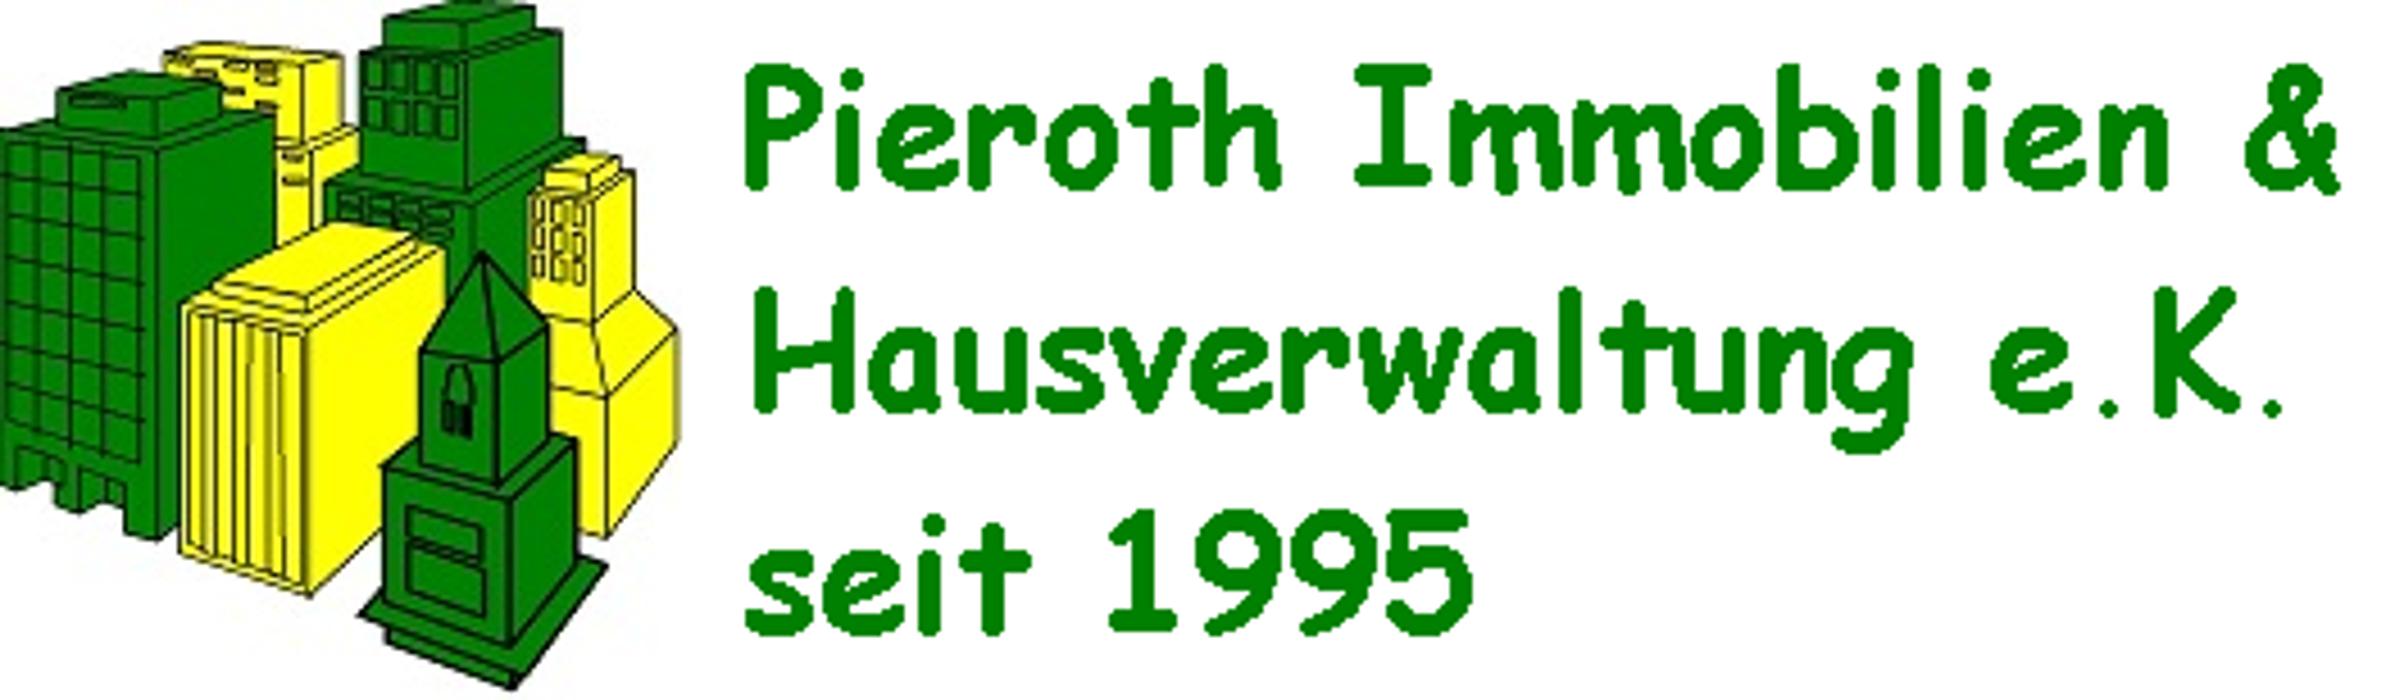 Bild zu Pieroth Immobilien & Hausverwaltung e.K. seit 1995 in Obertshausen